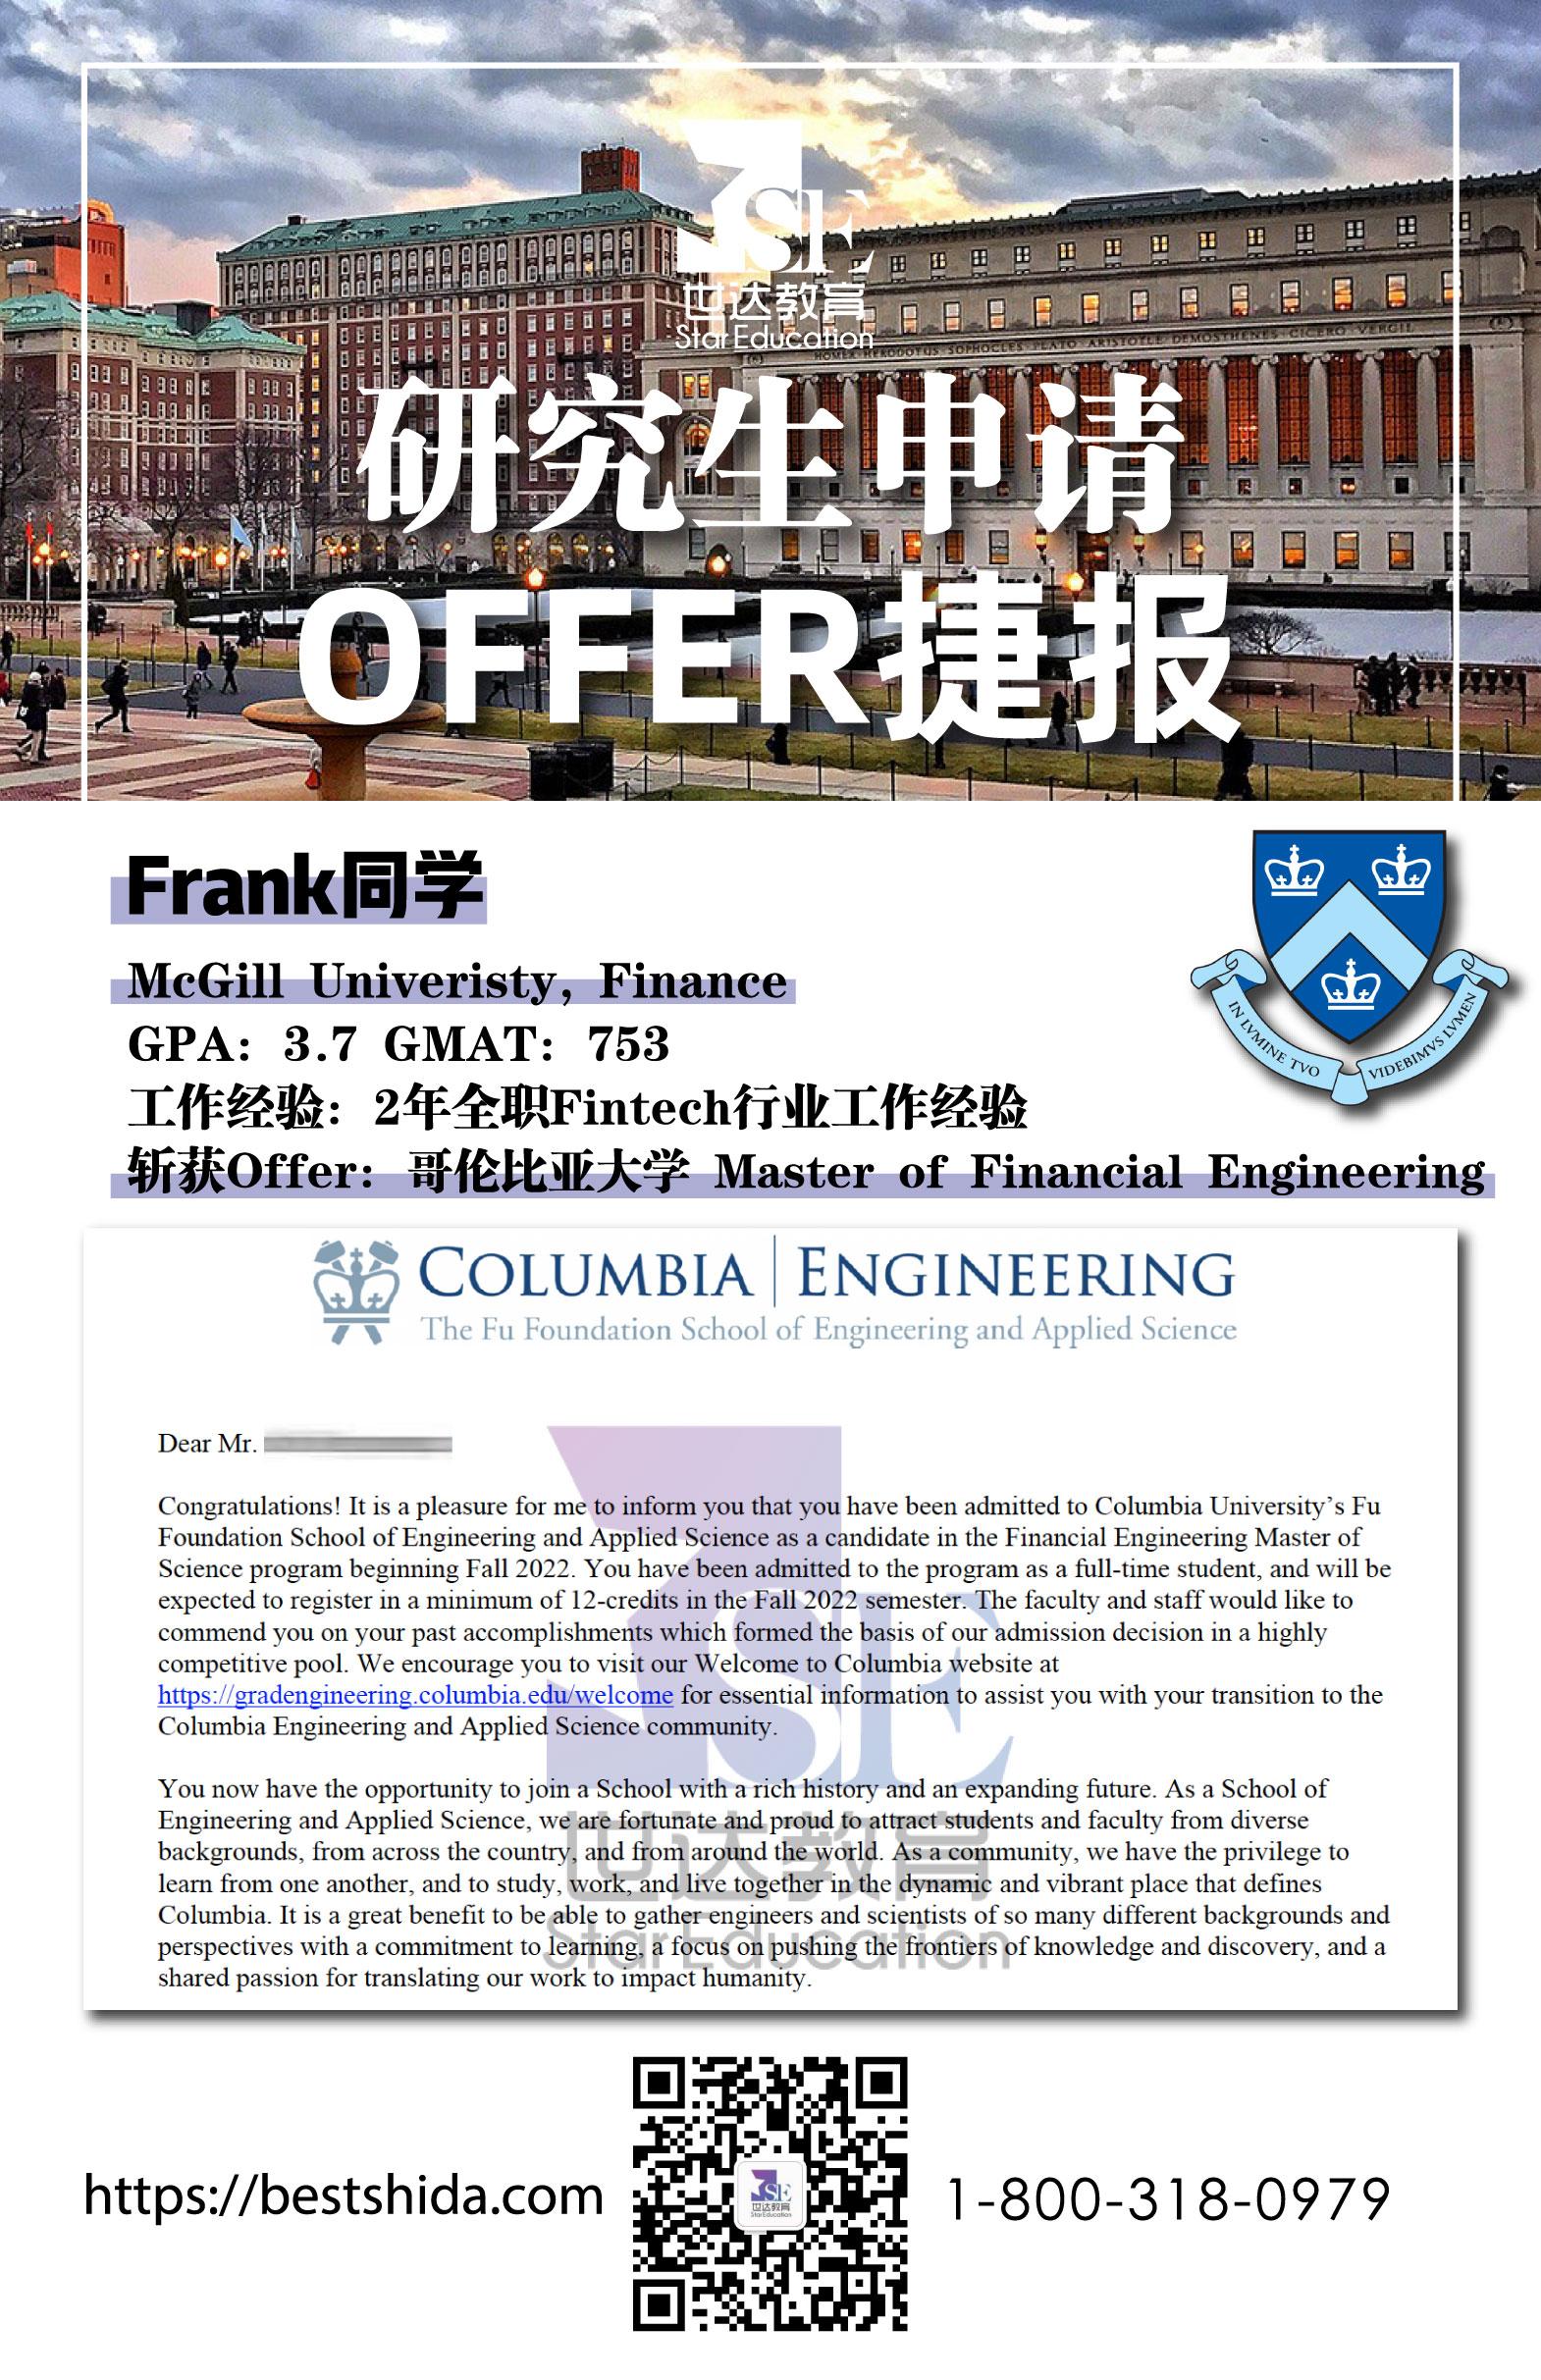 美国哥伦比亚大学研究生offer - 成功案例